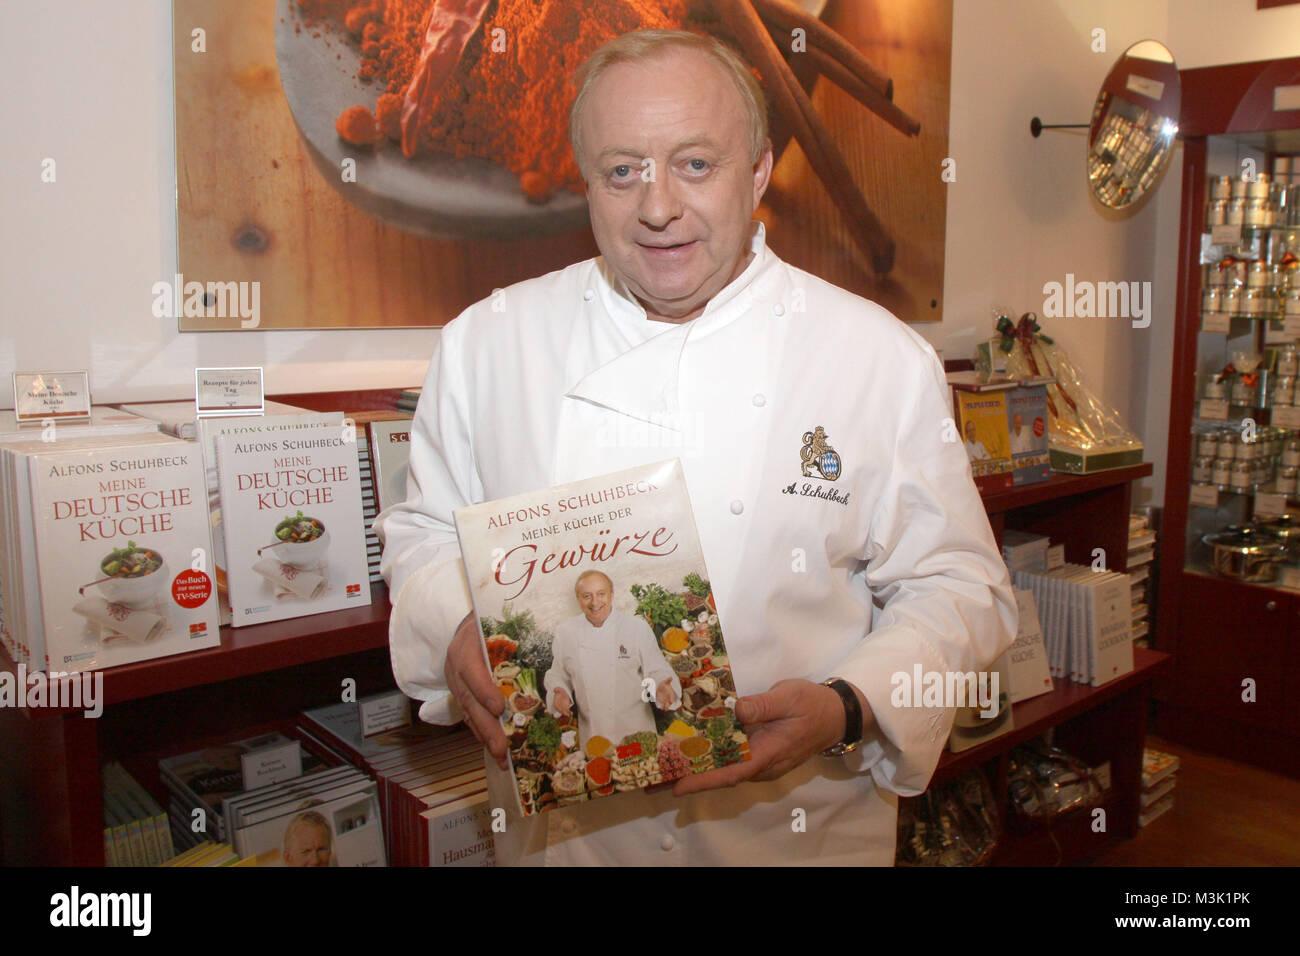 Schuhbecks Meine Neue Bayerische Küche. Grifflose Küche Erfahrung ...